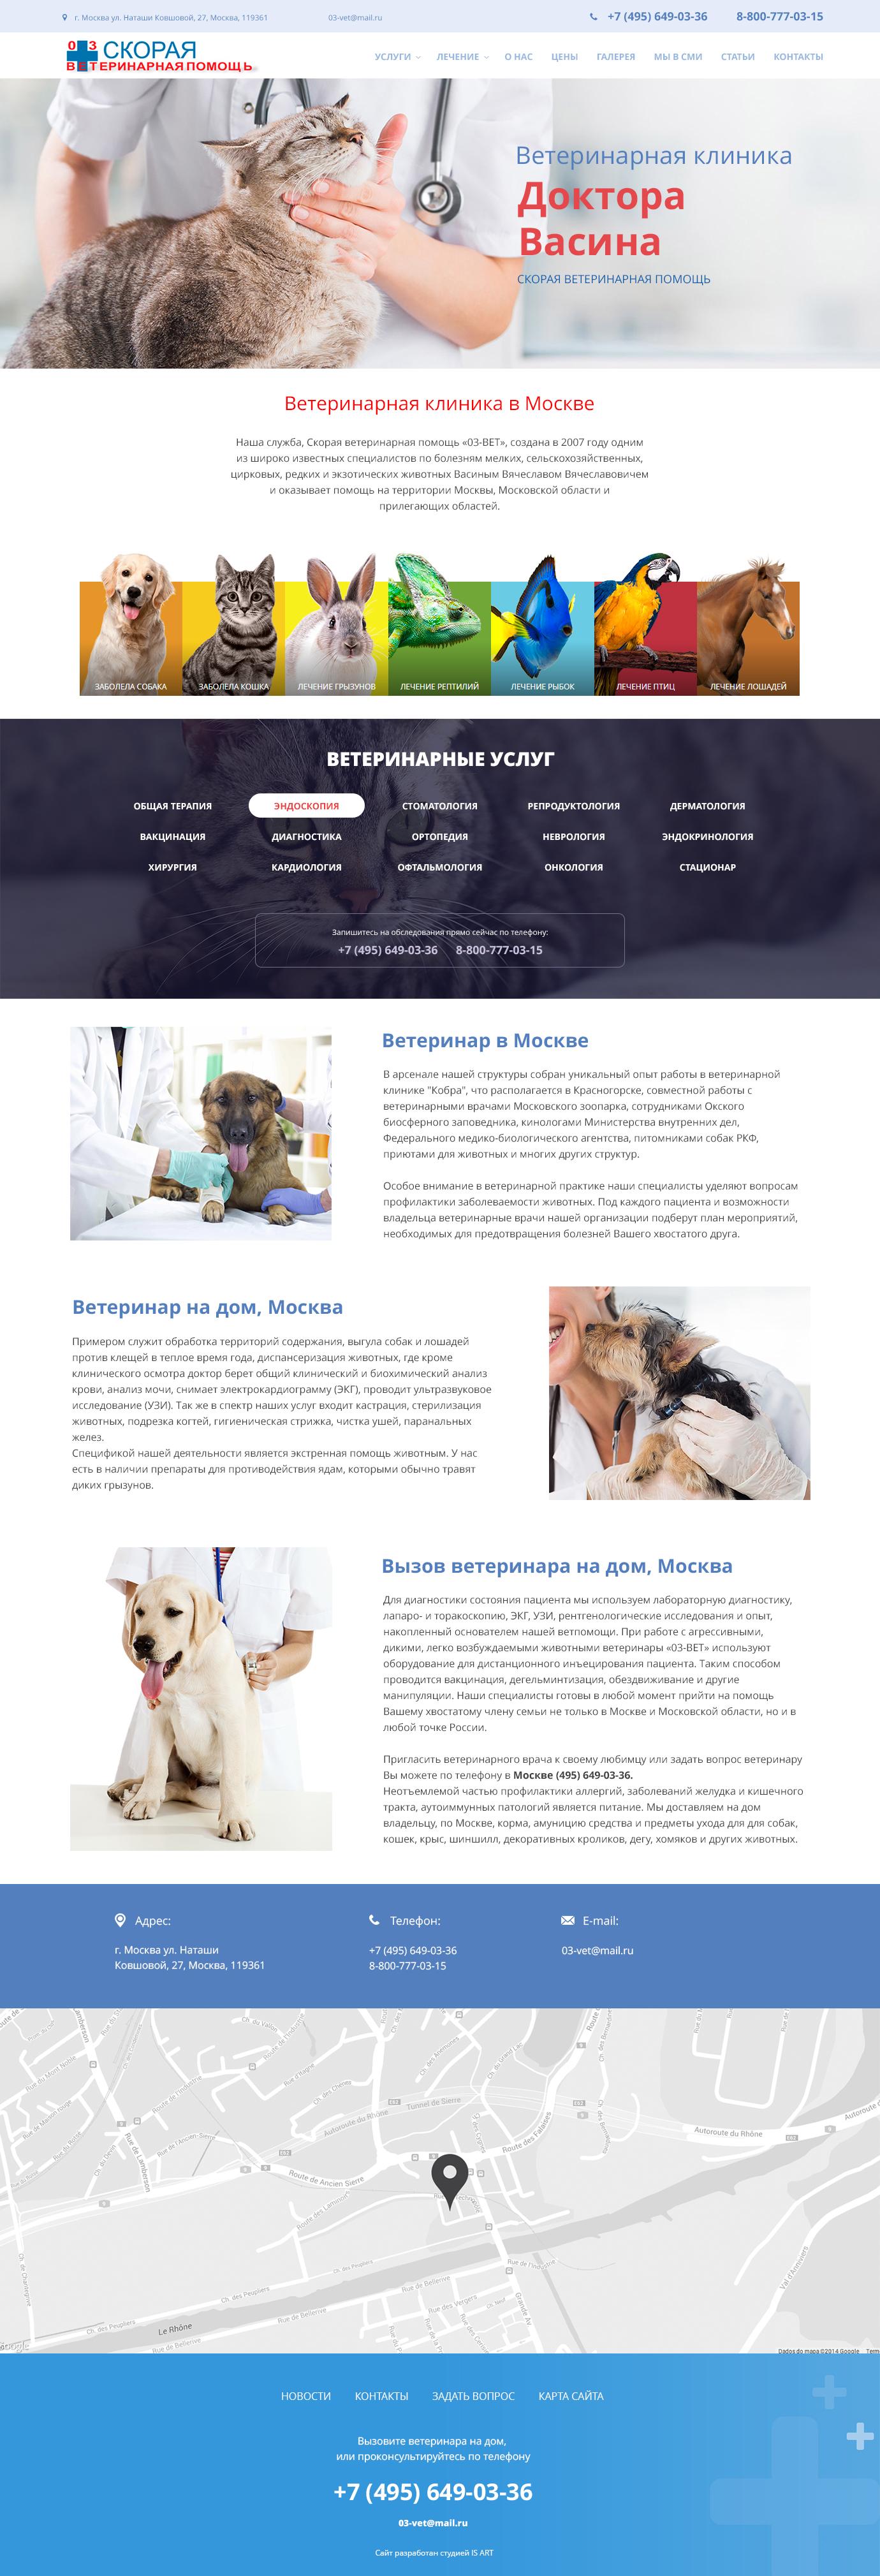 Макет сайта Ветеринарные услуги 1